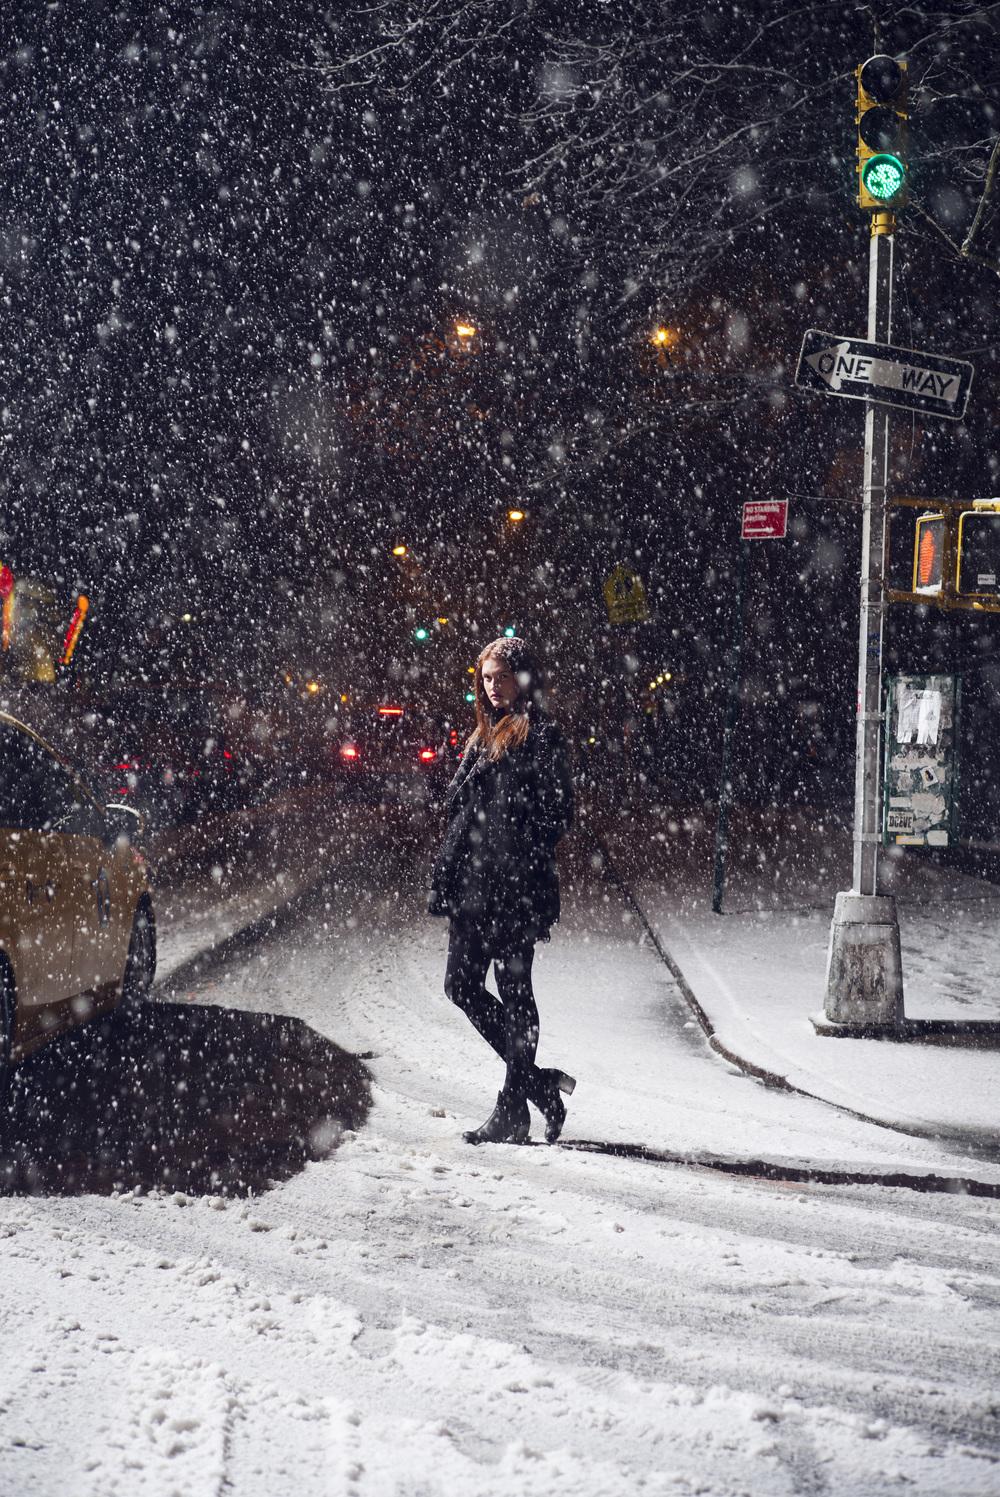 KATIE_SOHO_SNOW-30.jpg